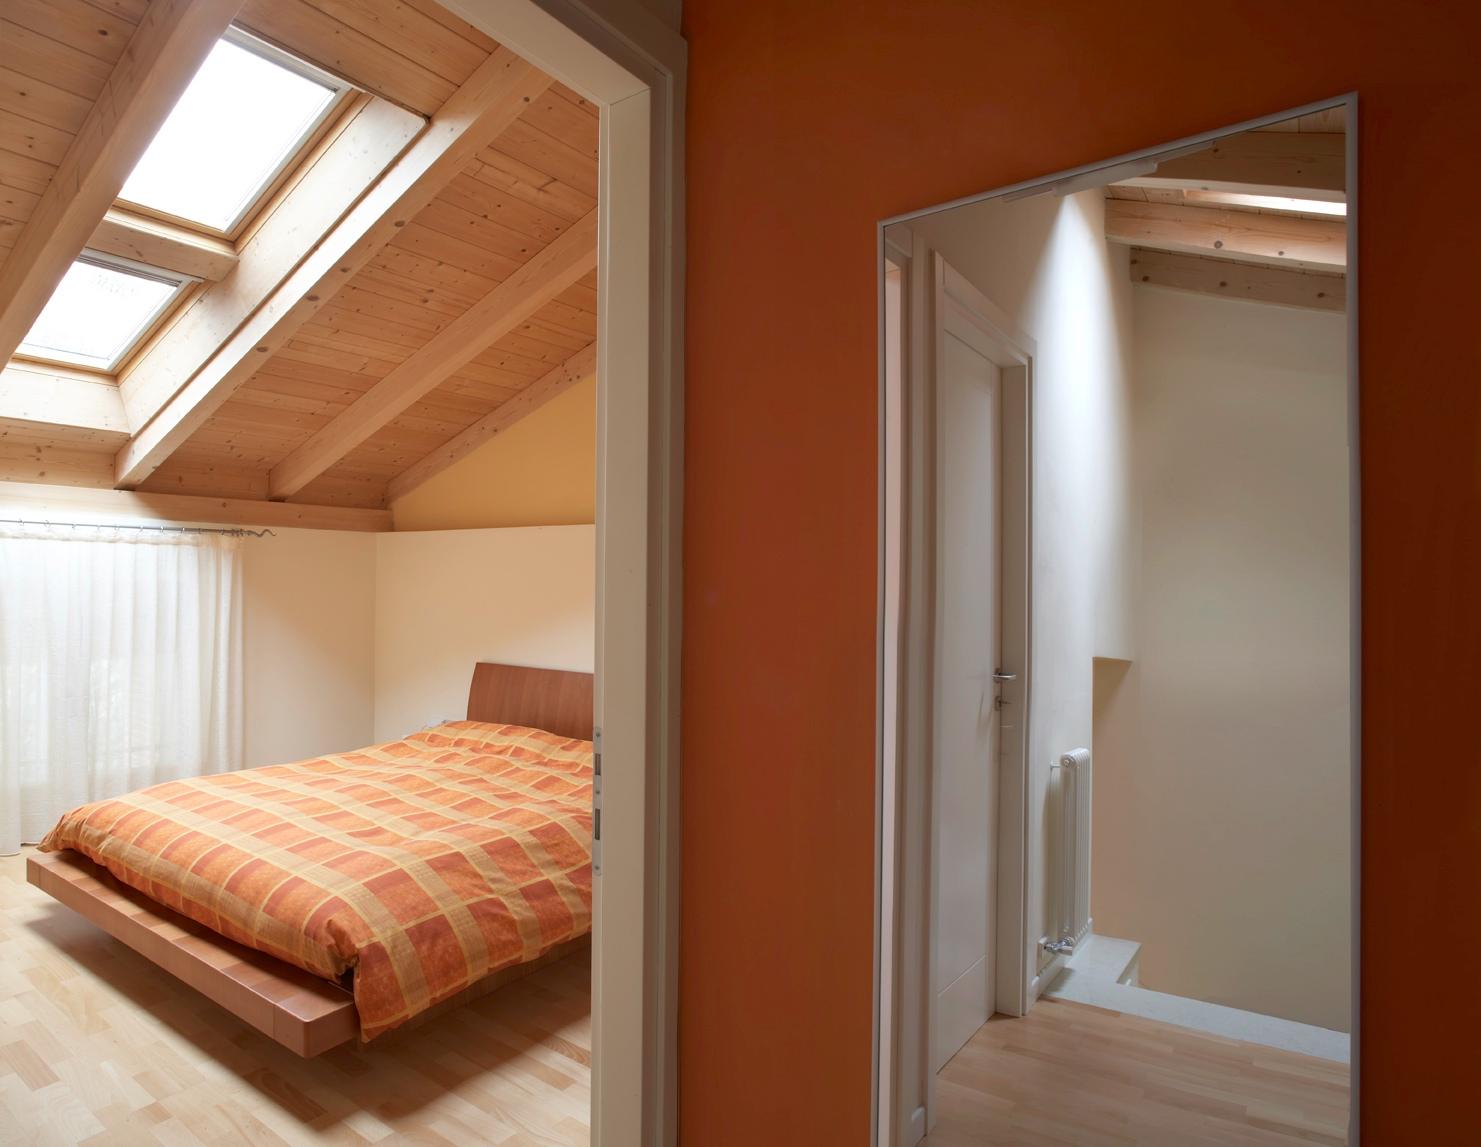 interesting la camera da letto in mansarda with soffitti in legno bianco